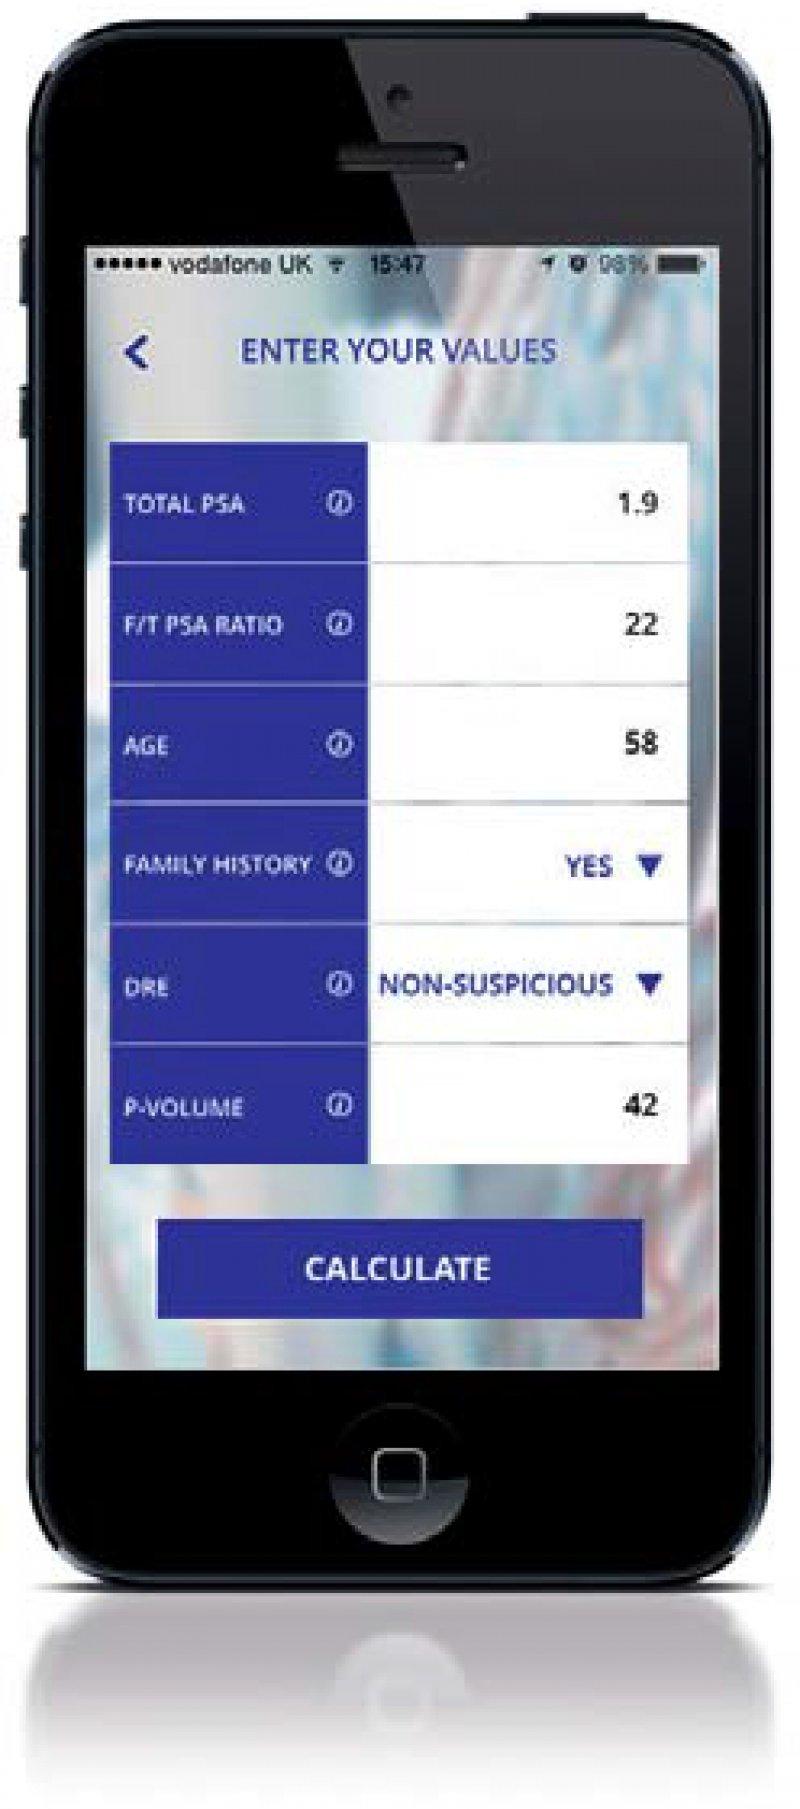 Die App berechnet die Wahrscheinlichkeit eines behandlungswürdigen Tumors in Prozent. Foto: dae [m]